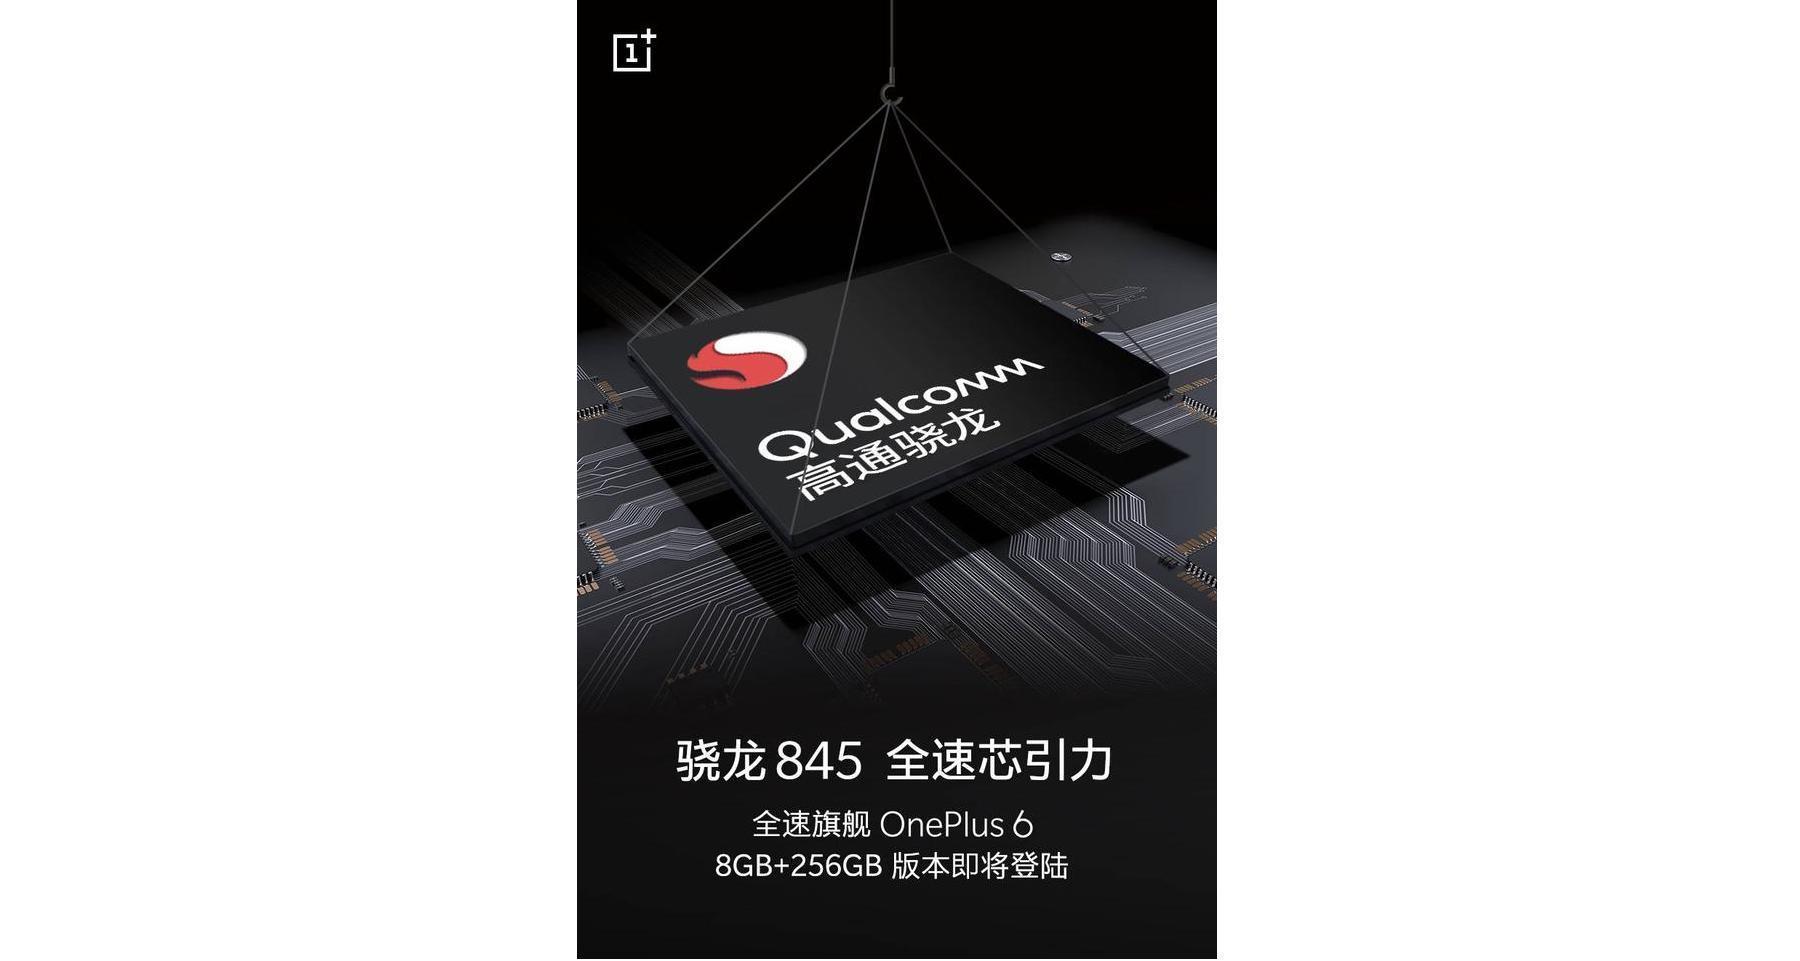 Опубликован официальный тизер и постер OnePlus 6